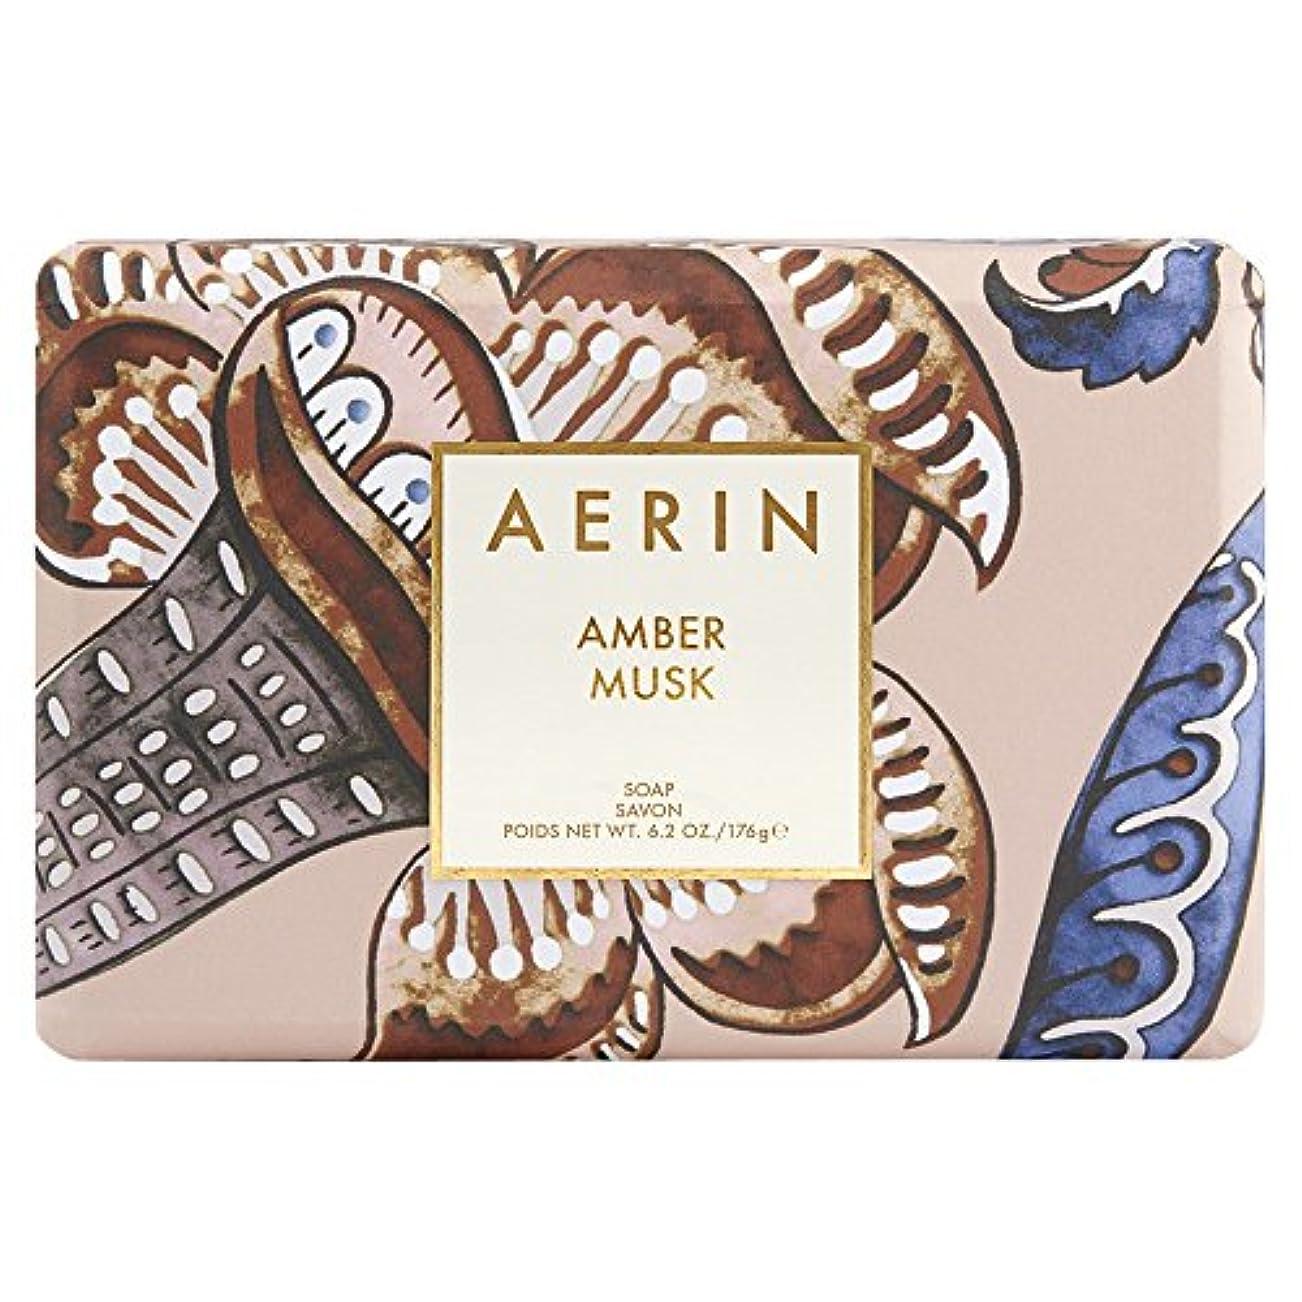 低い医薬最後のAerinアンバームスクソープ176グラム (AERIN) (x6) - AERIN Amber Musk Soap 176g (Pack of 6) [並行輸入品]